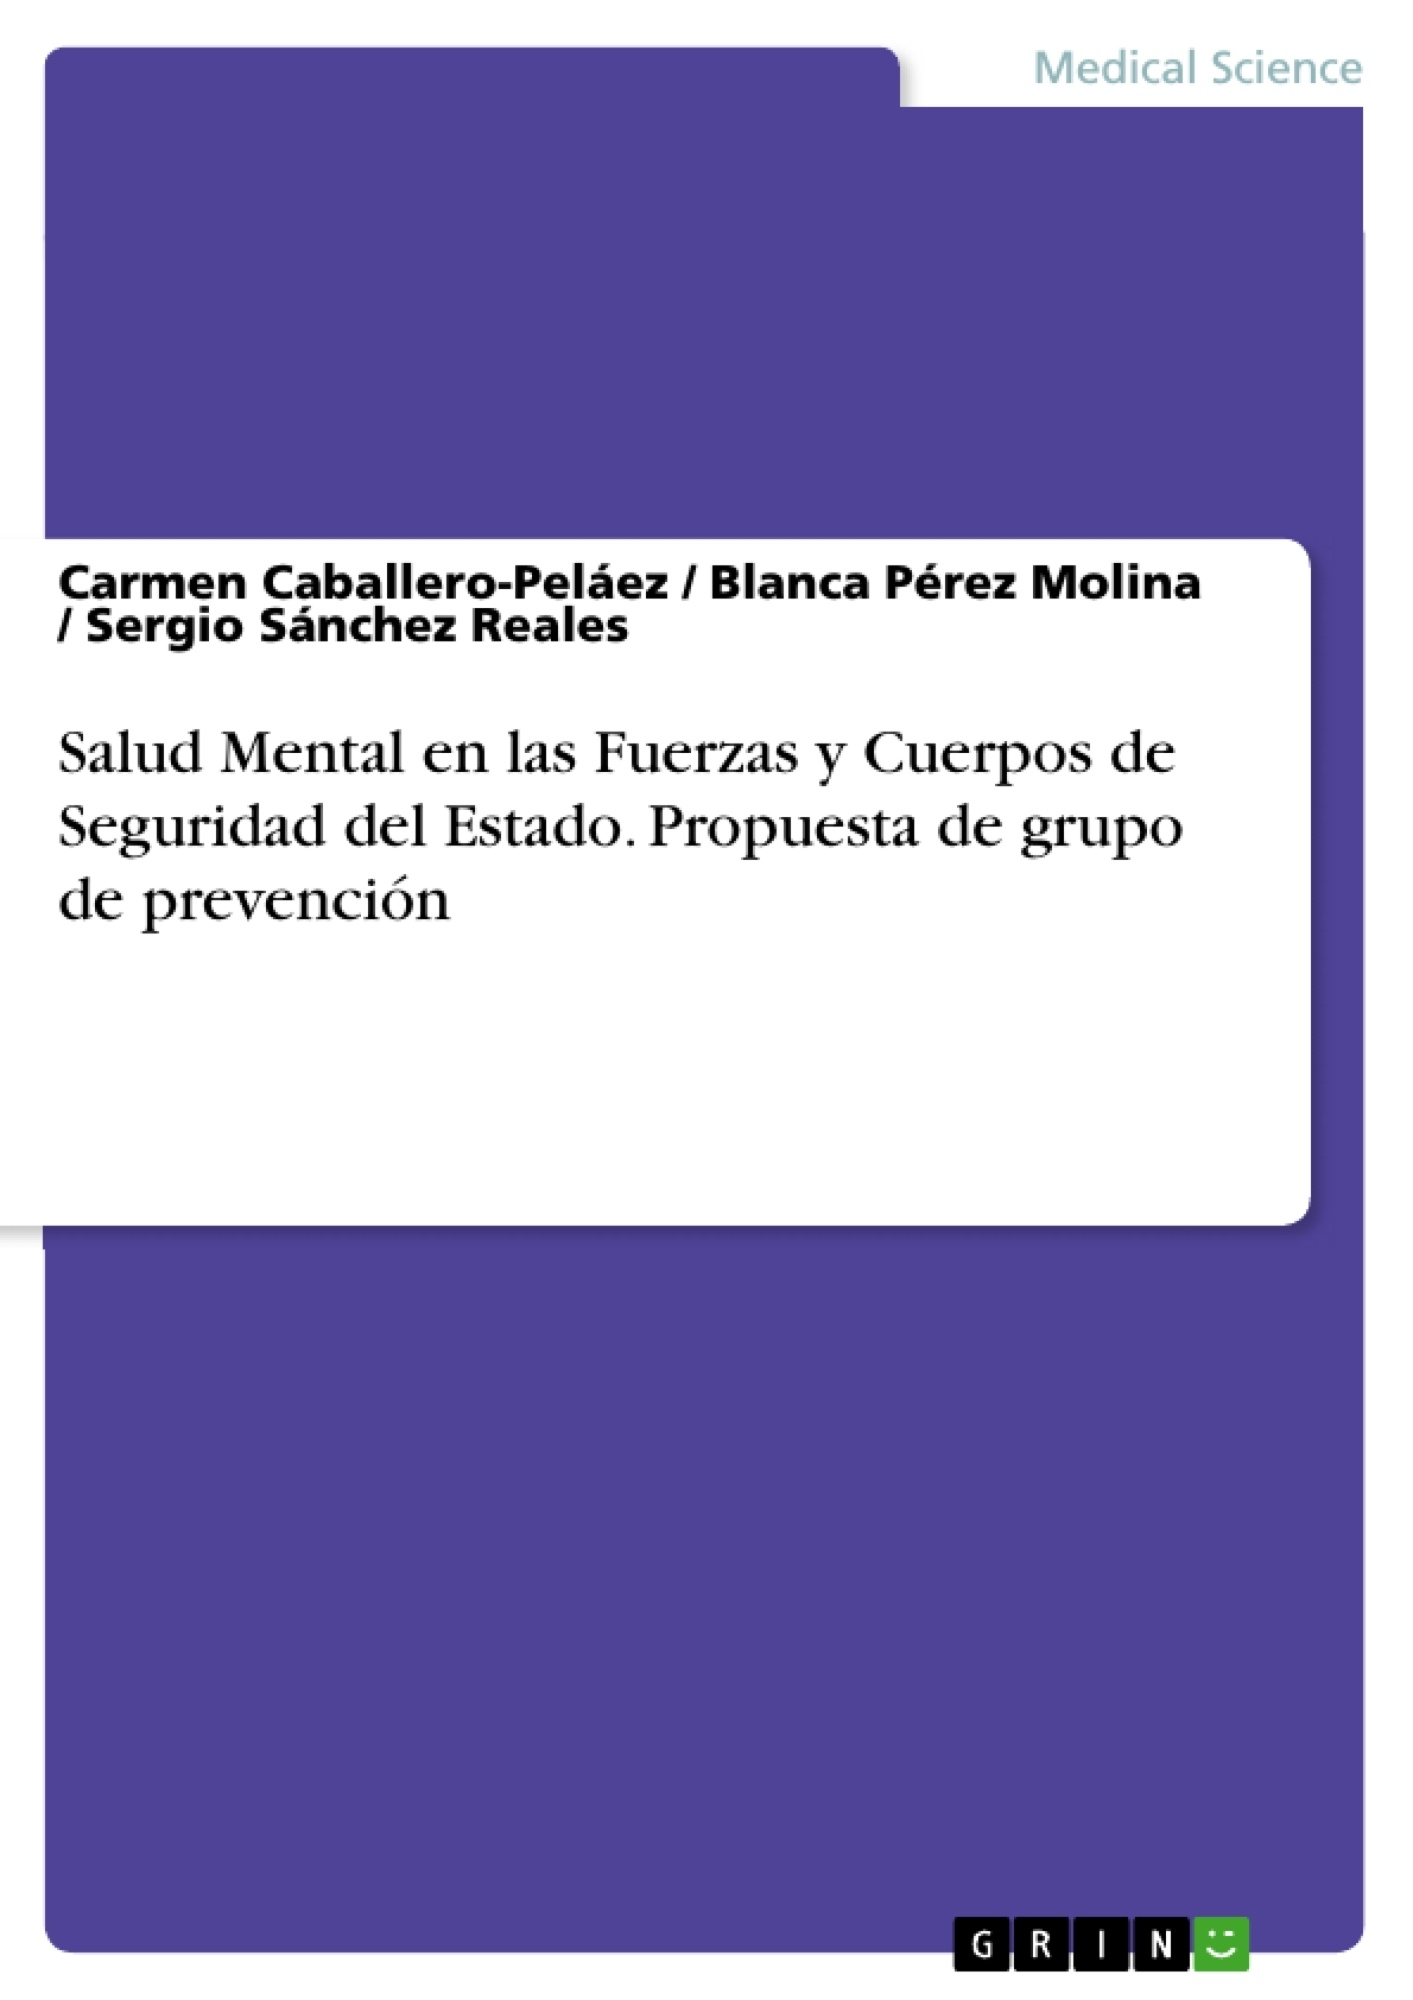 Título: Salud Mental en las Fuerzas y Cuerpos de Seguridad del Estado. Propuesta de grupo de prevención